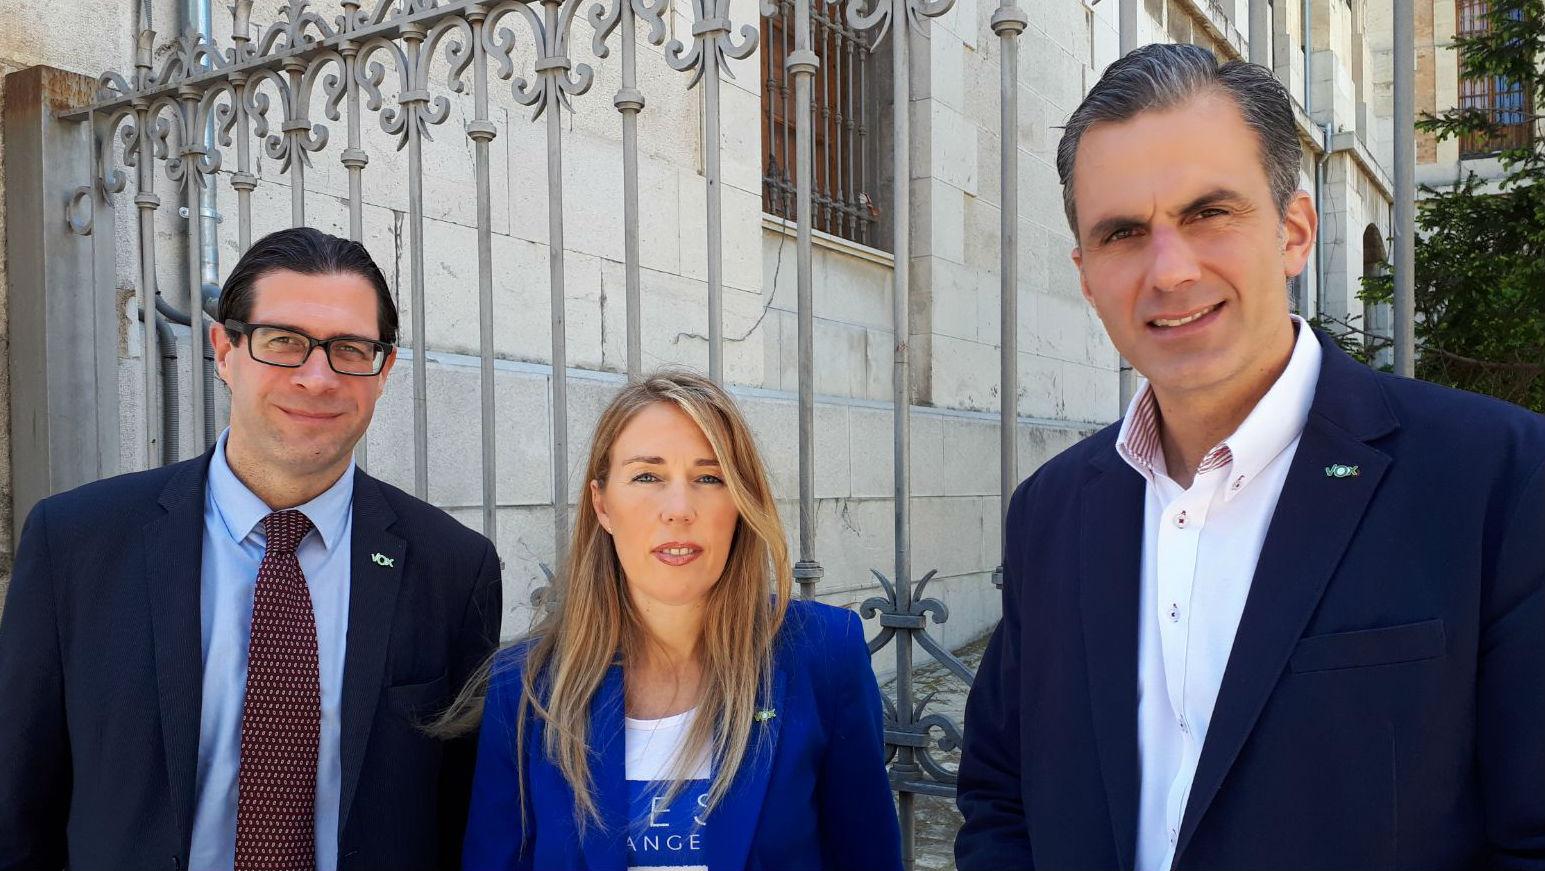 La concejala Salud Anguita, flanqueada por dirigentes de Vox, a la salida del juzgado